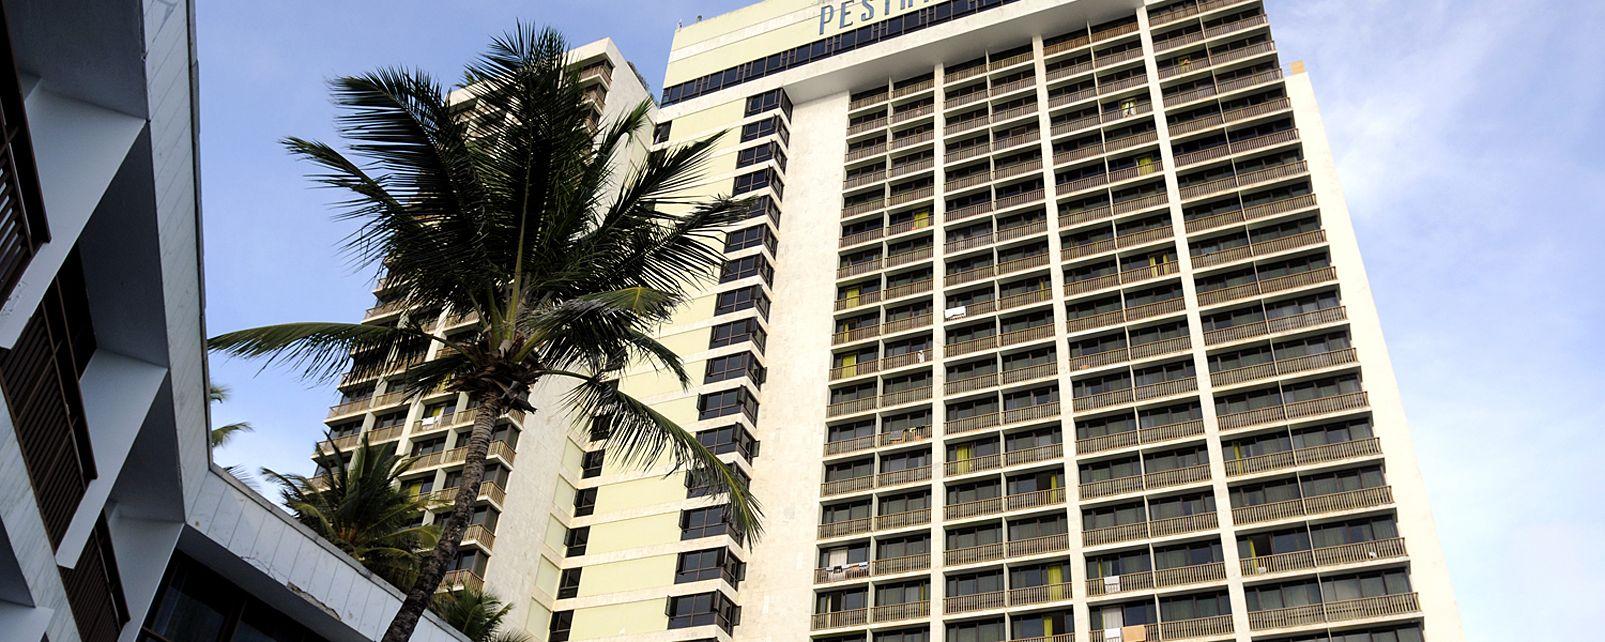 Hôtel Pestana Bahia